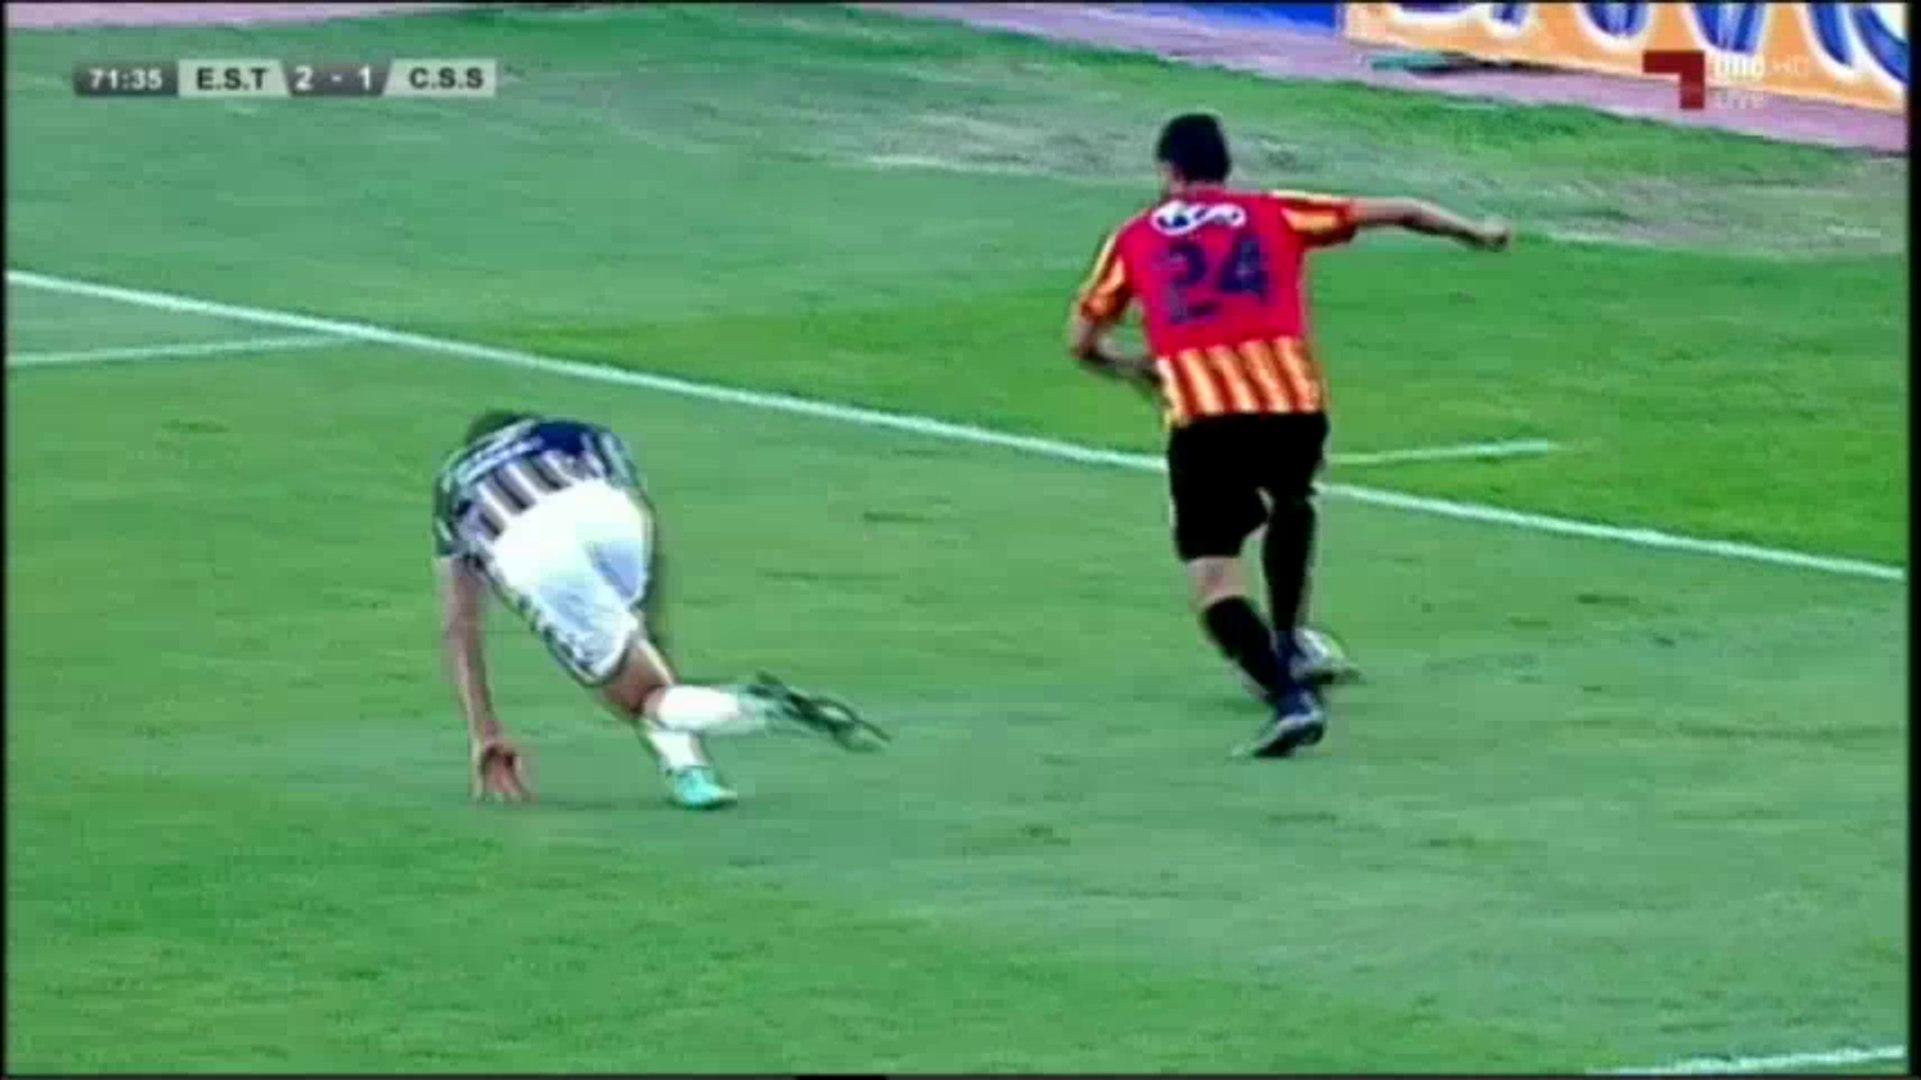 [Ligue1,J12] EST vs CSS - Le magnifique dribble de Iheb Mbarki vs Yassine Meriah [ALL K**** TV &